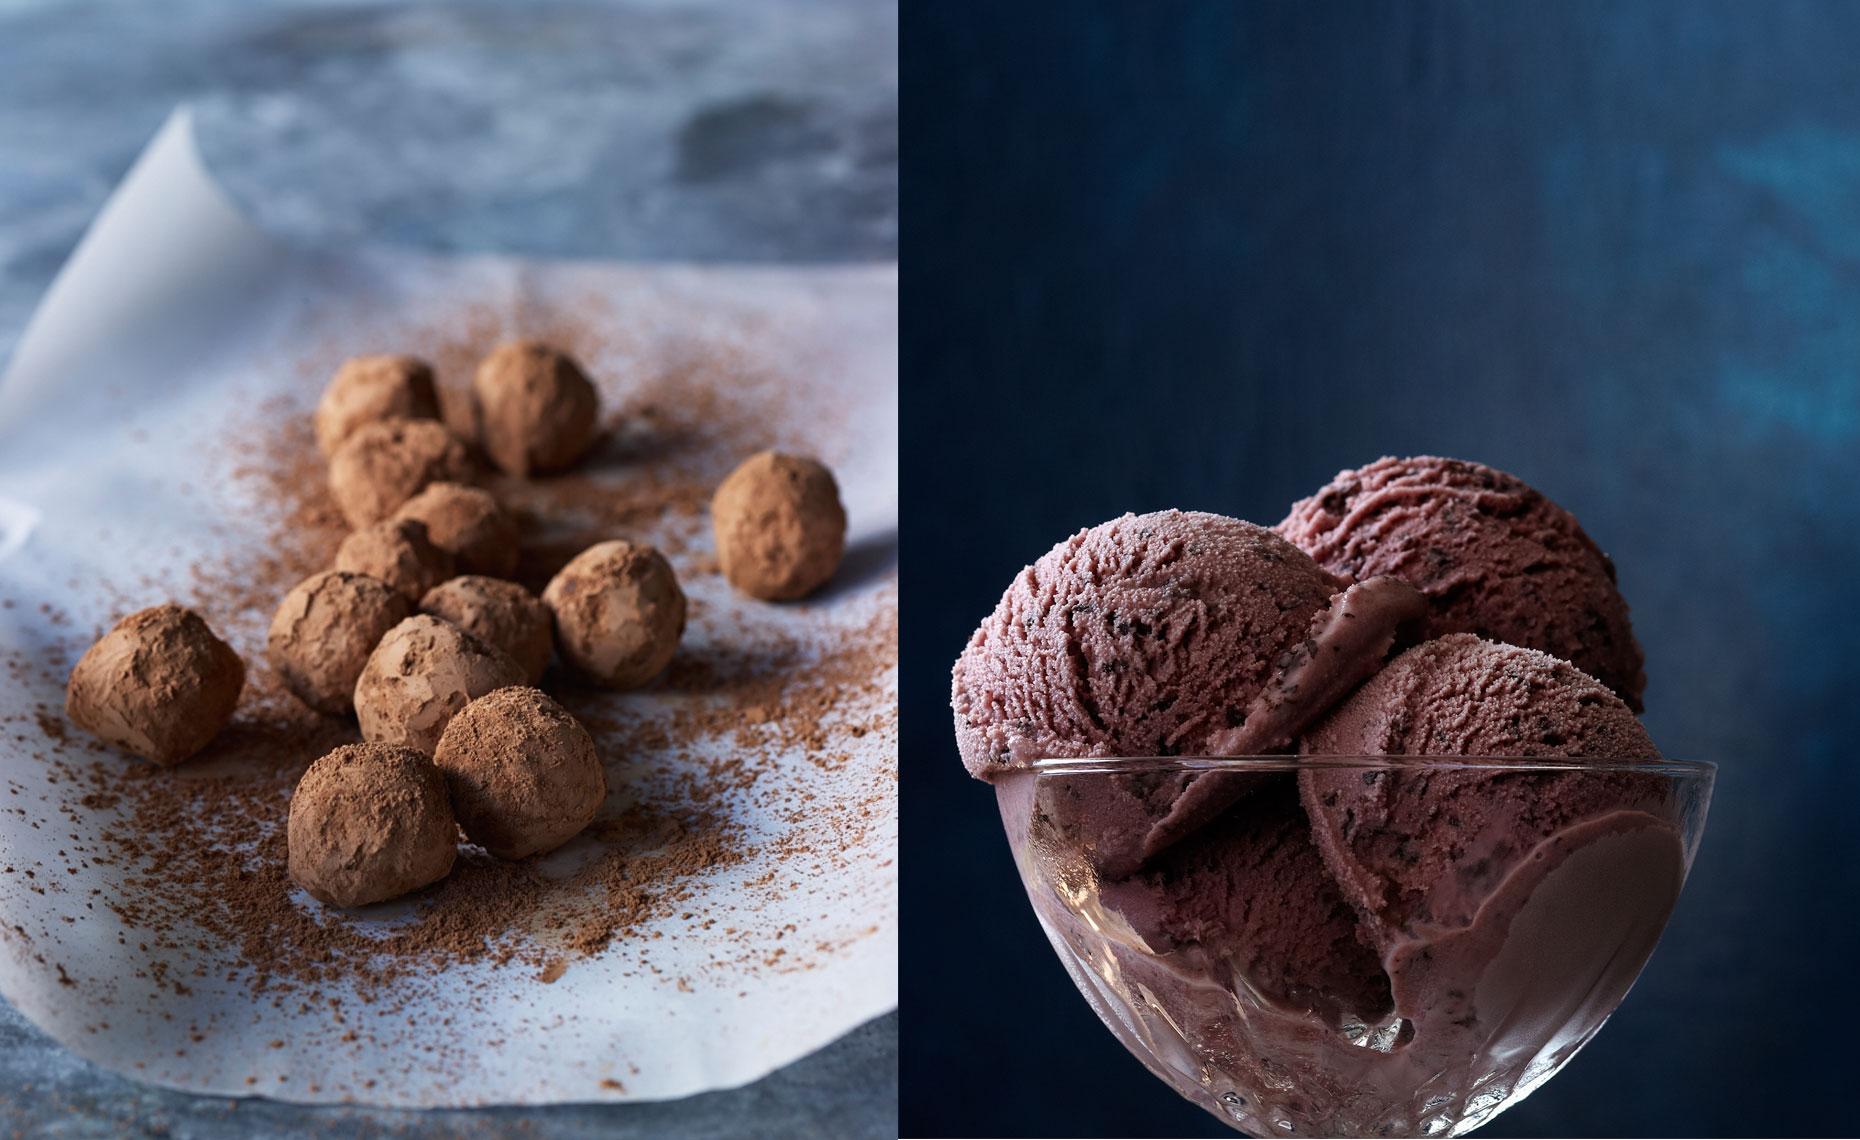 chocolate-truffles-and-ice-cream.jpg